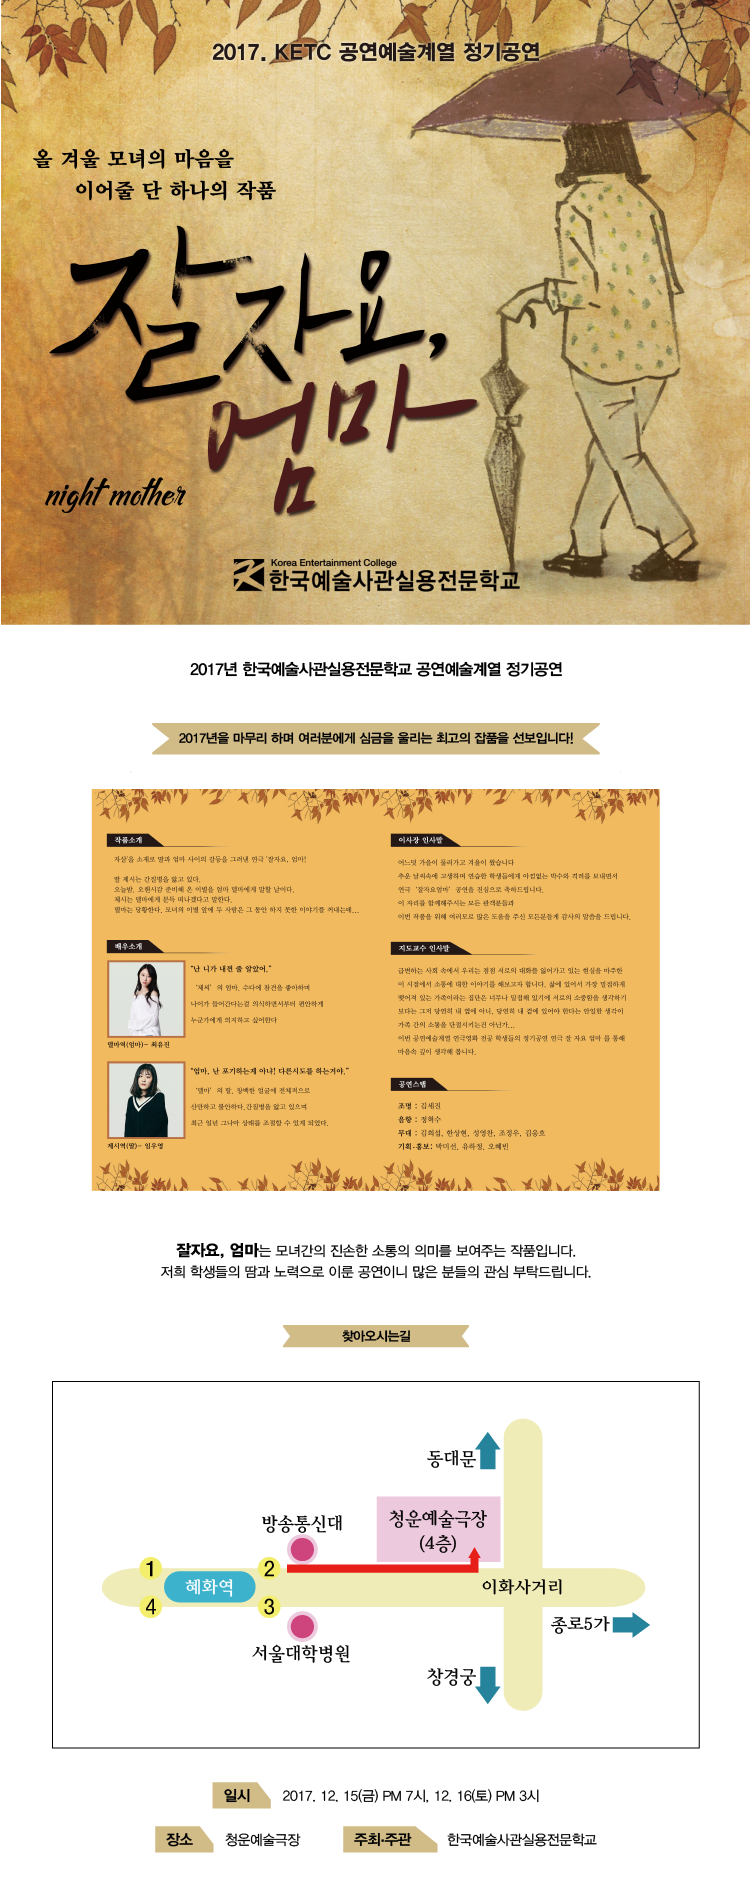 KETC 2017 공연예술계열 정기공연 '잘자요, 엄마'